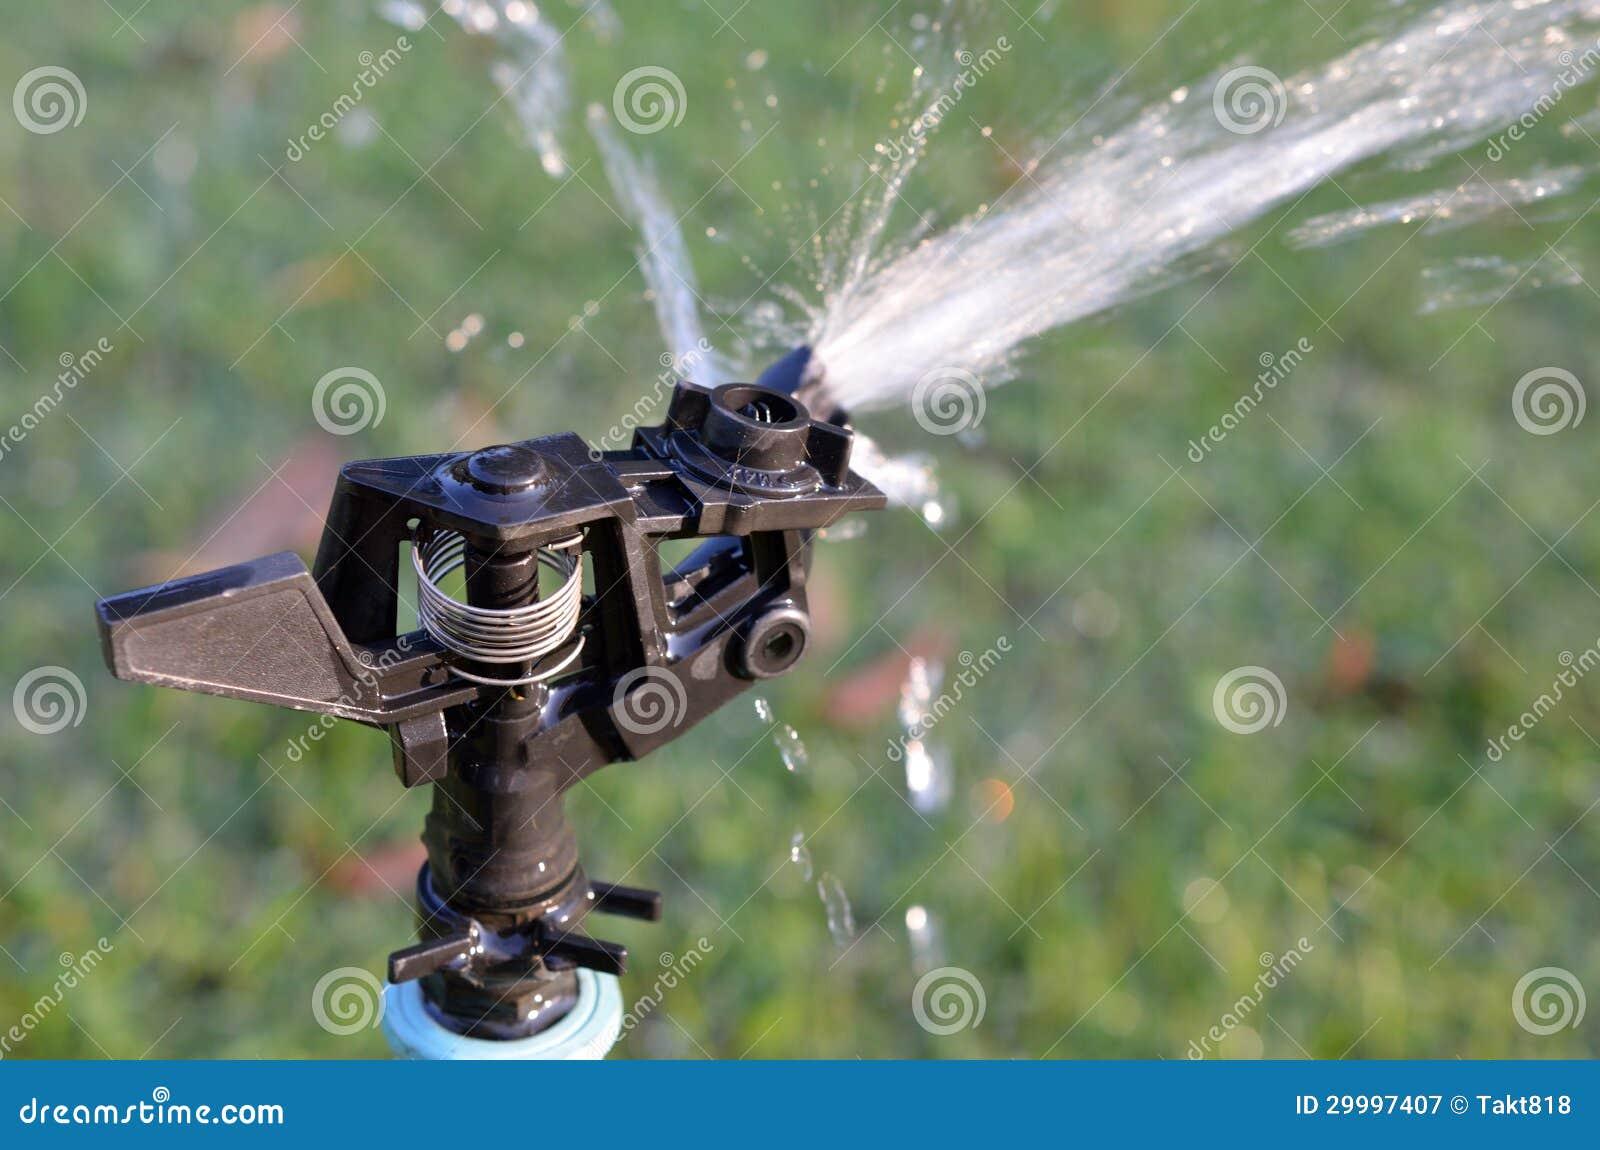 attrezzatura per irrigazione a pioggia di acqua in